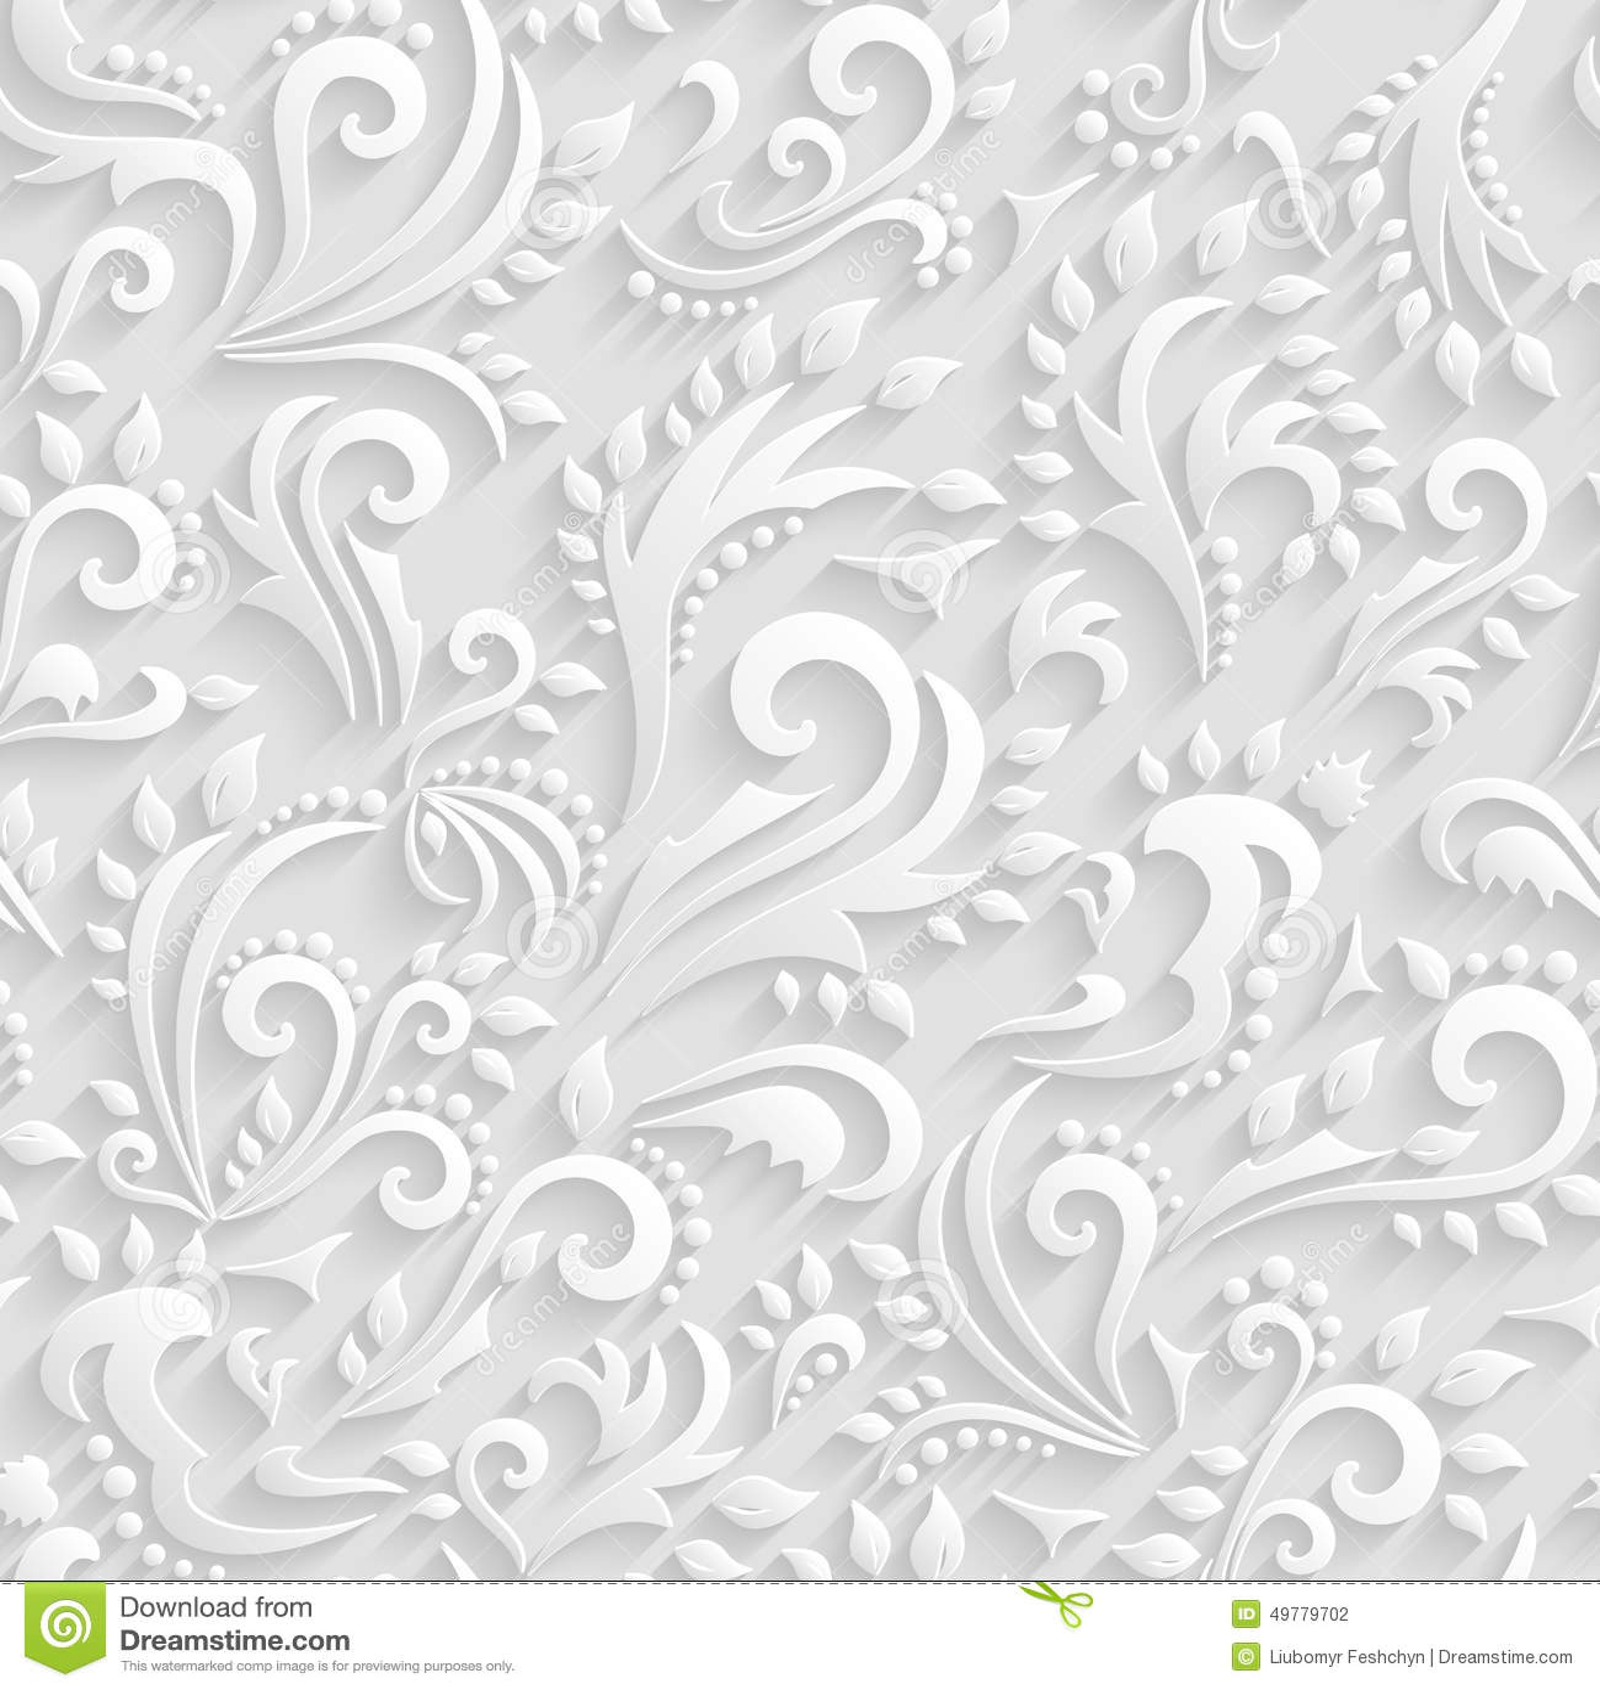 Wektorowy Kwiecisty Wiktoriański Bezszwowy tło Origami 3d zaproszenie, ślub, Papierowych kart Dekoracyjny wzór